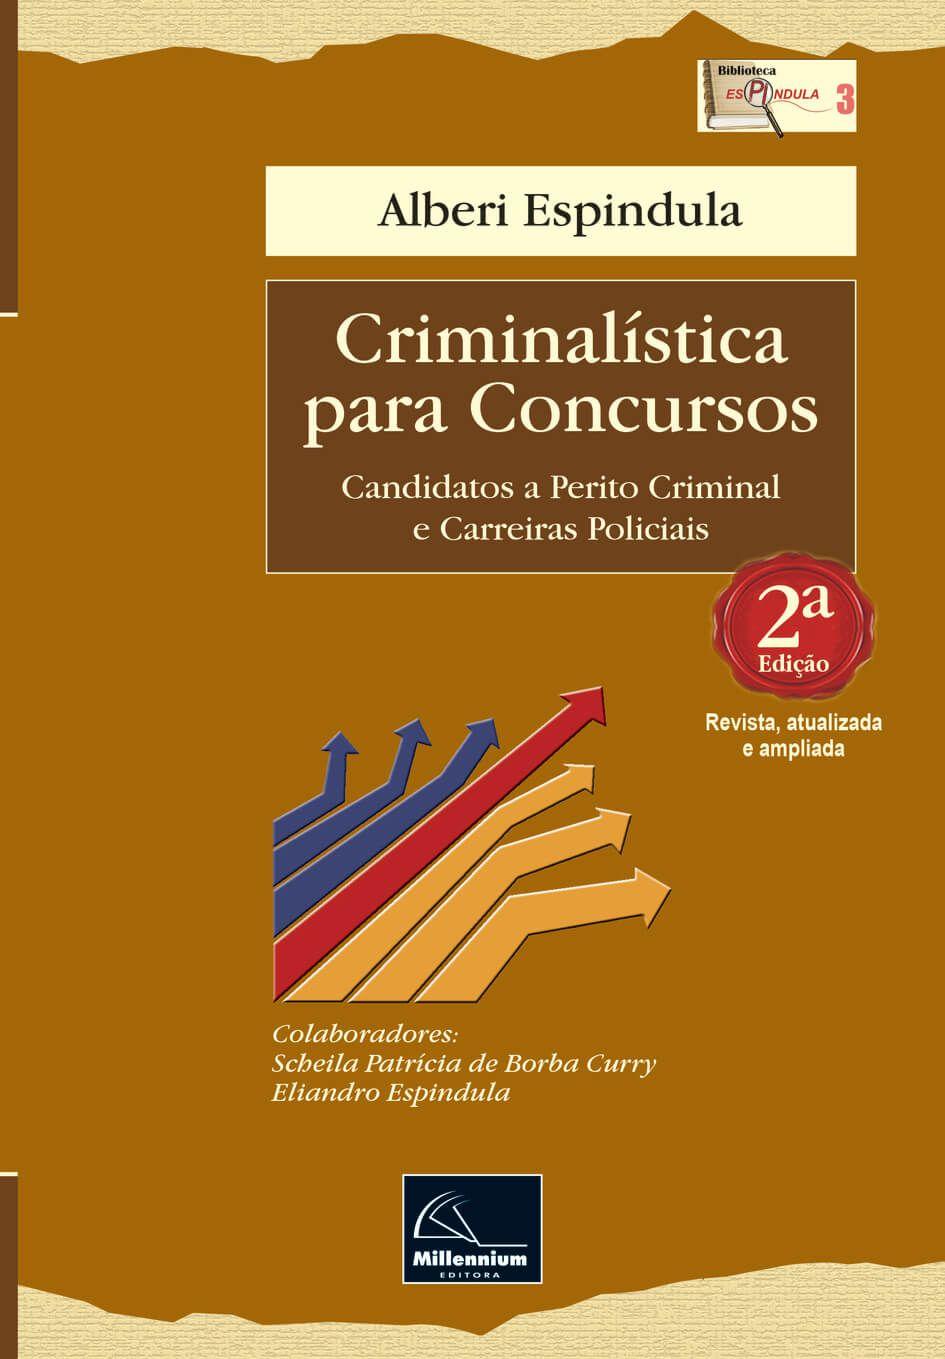 Criminalística para Concursos 2ª Edição Autor: Alberi Espindula  - Millennium Editora - Livros de Perícia